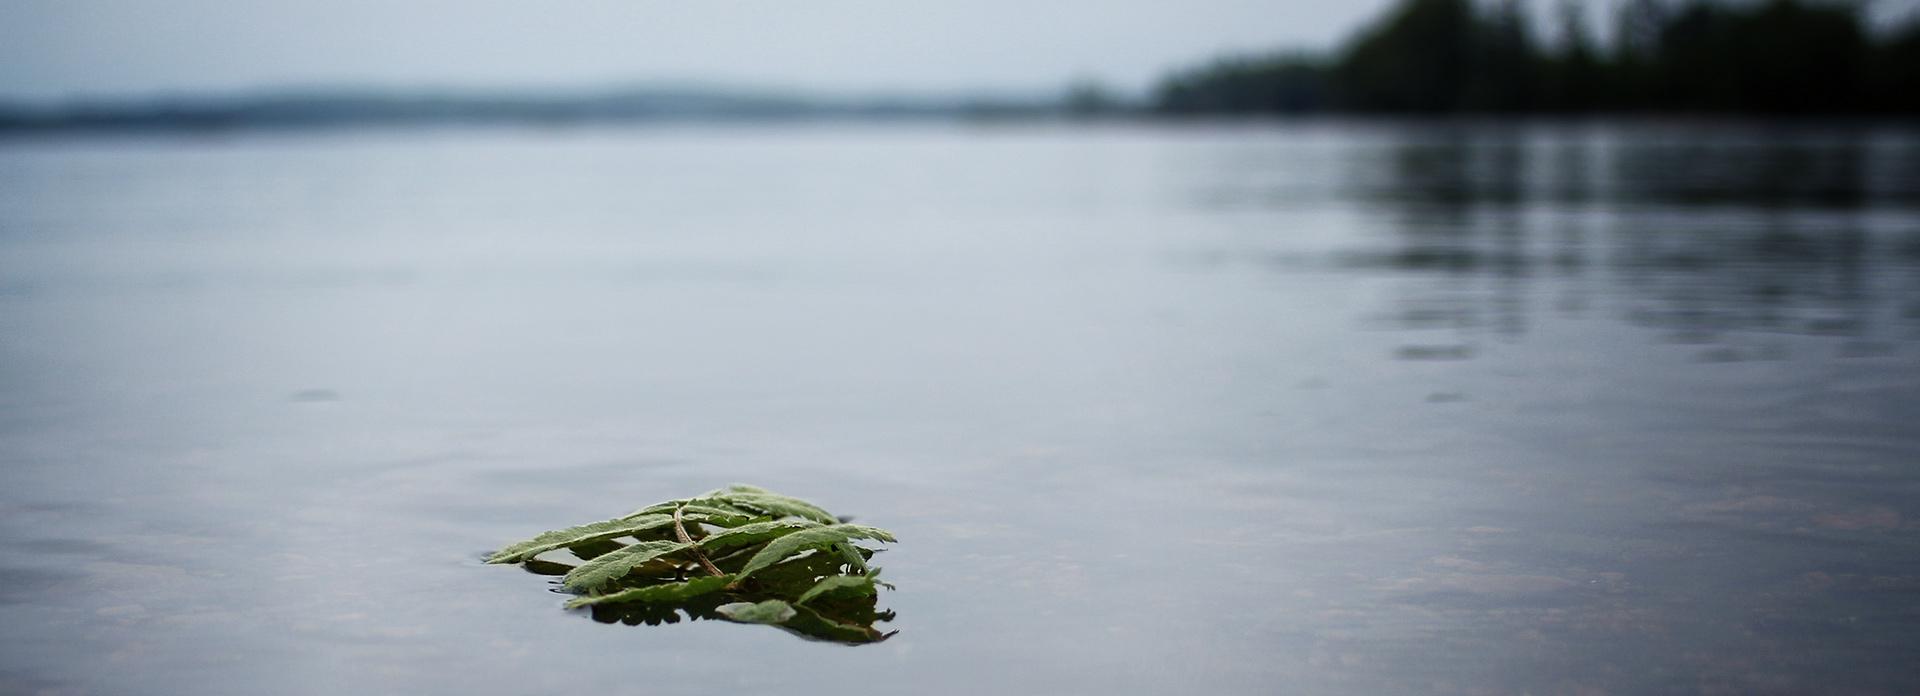 En sjö. Foto Judith Etzold